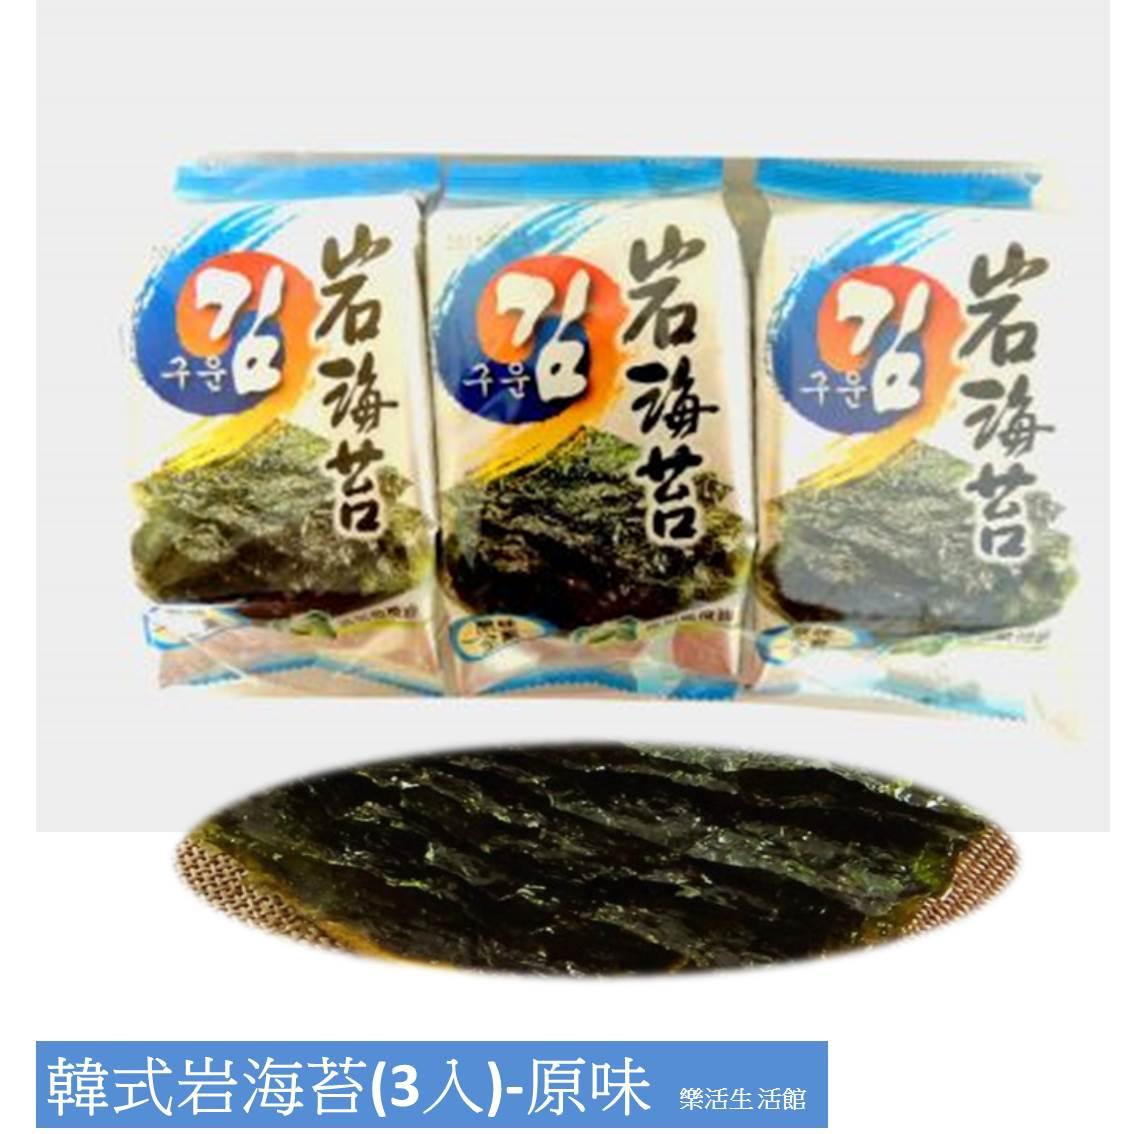 韓式岩海苔(3入)-原味 【樂活生活館】